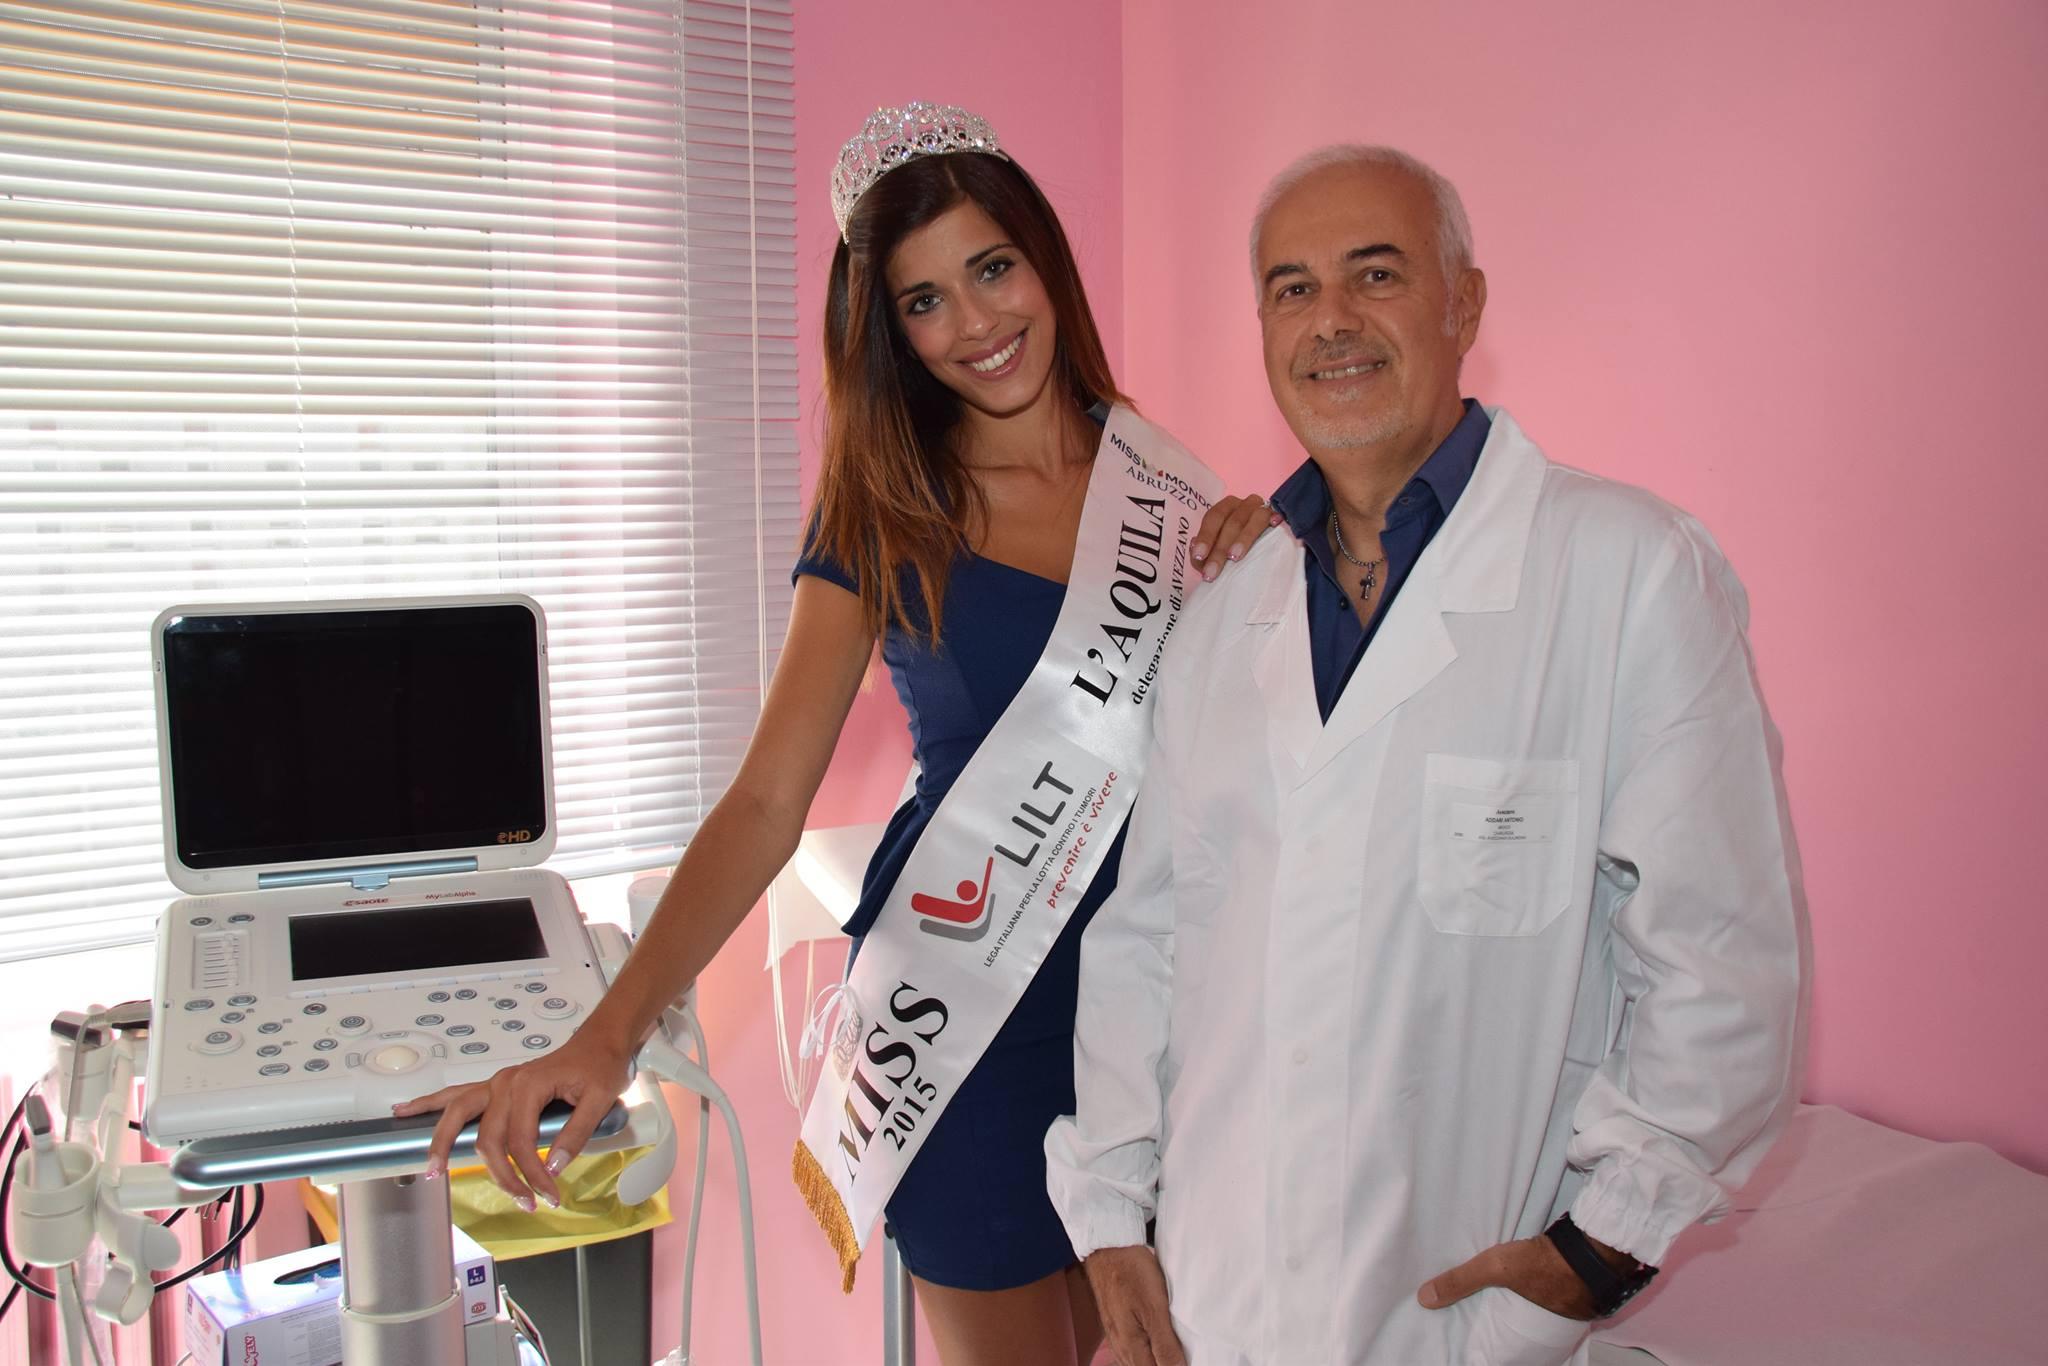 Miss Lilt L'Aquila 2016', una crociera per le prime due classificate